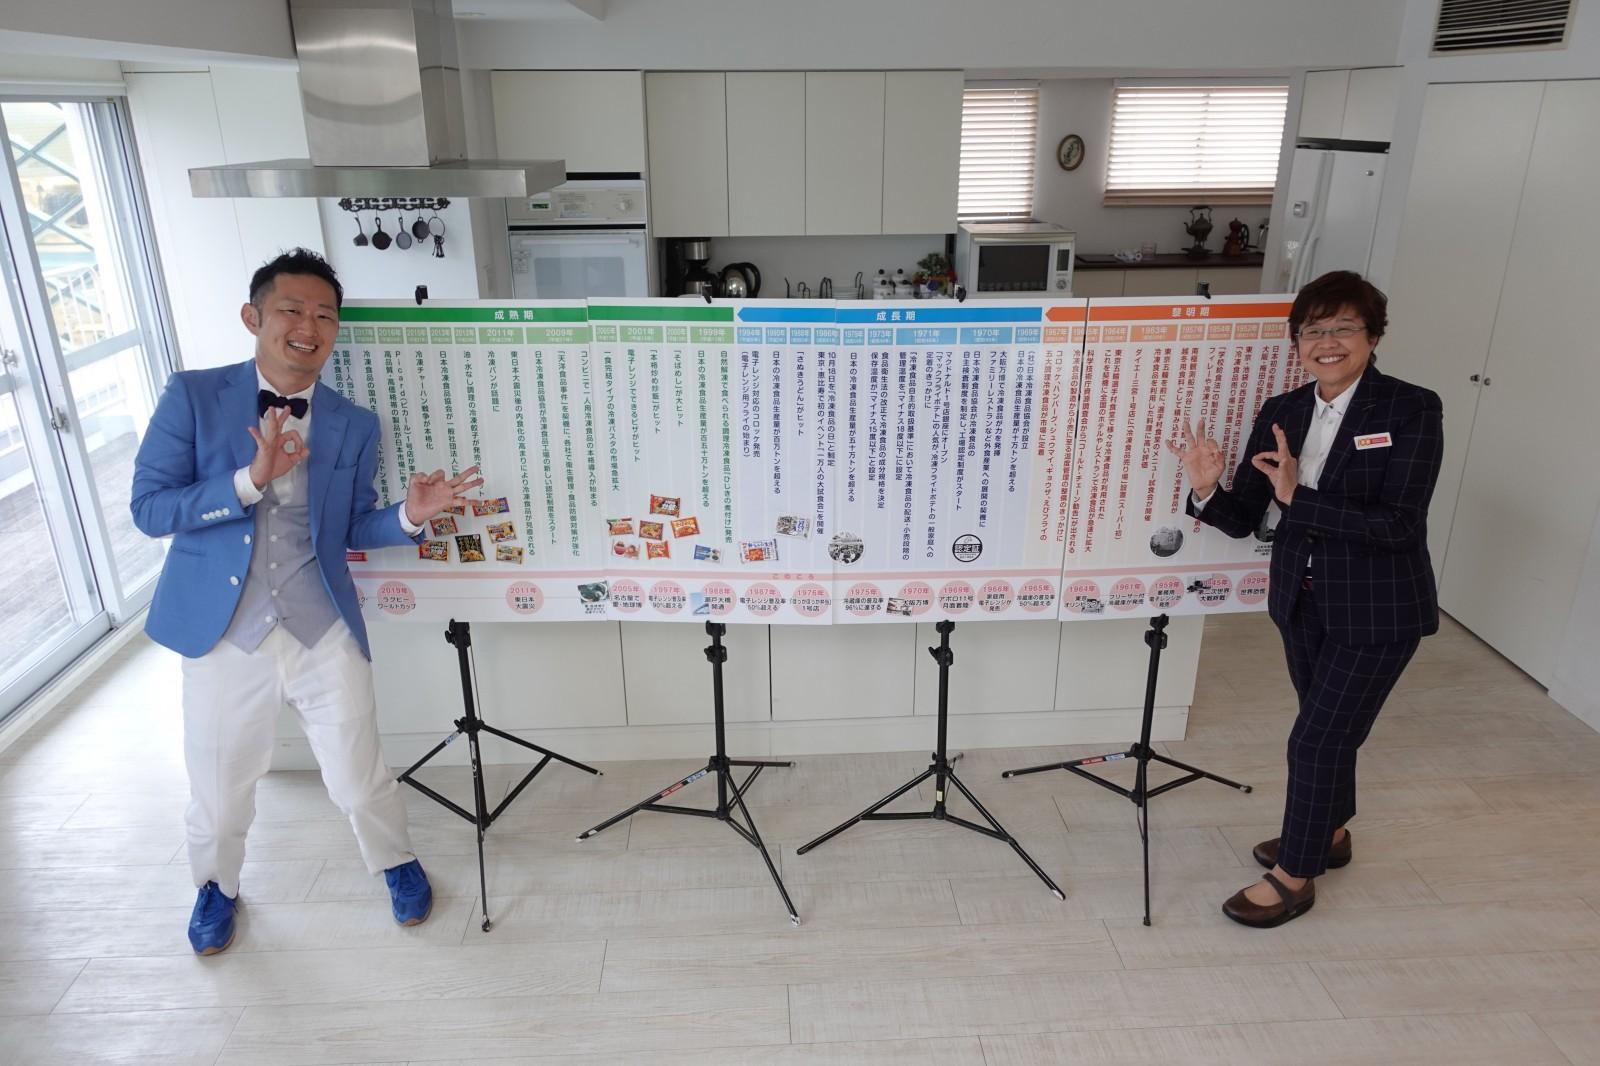 【動画】冷凍王子にっしー「冷凍チャンネル」 冷凍食品100年の歴史 黎明期編公開